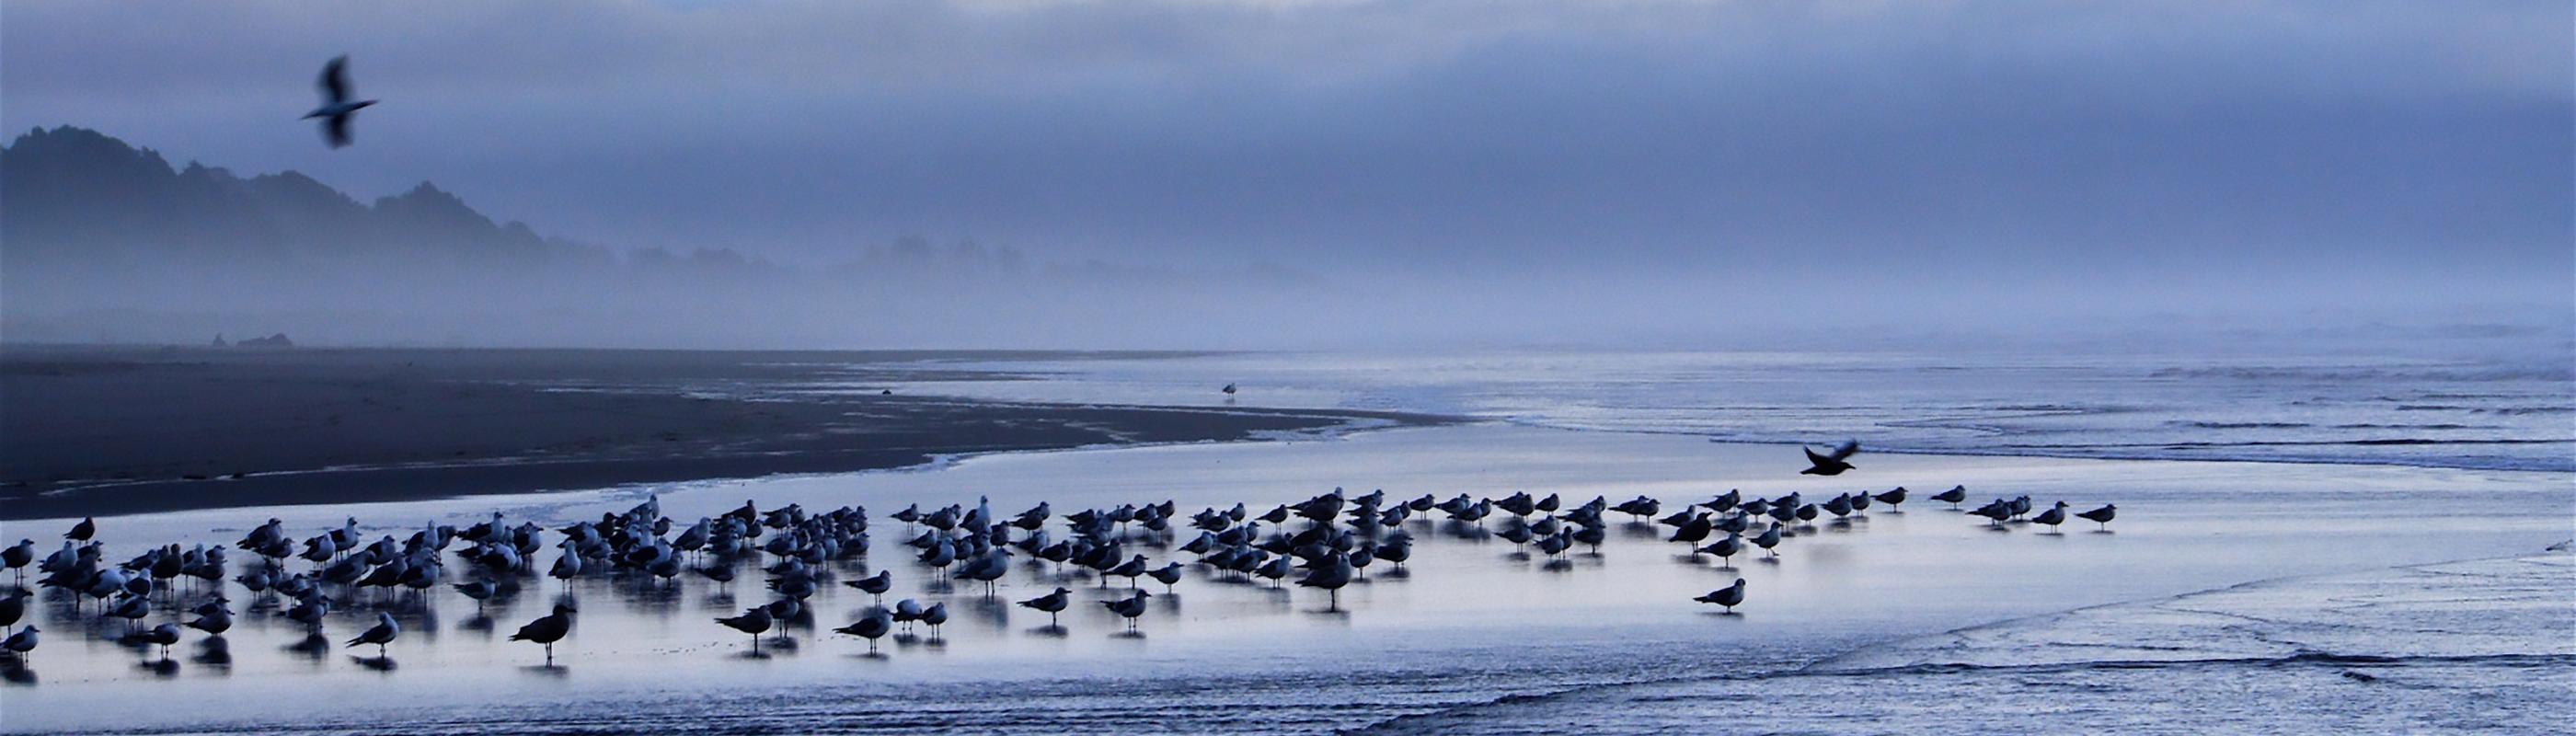 birds on twilight beach